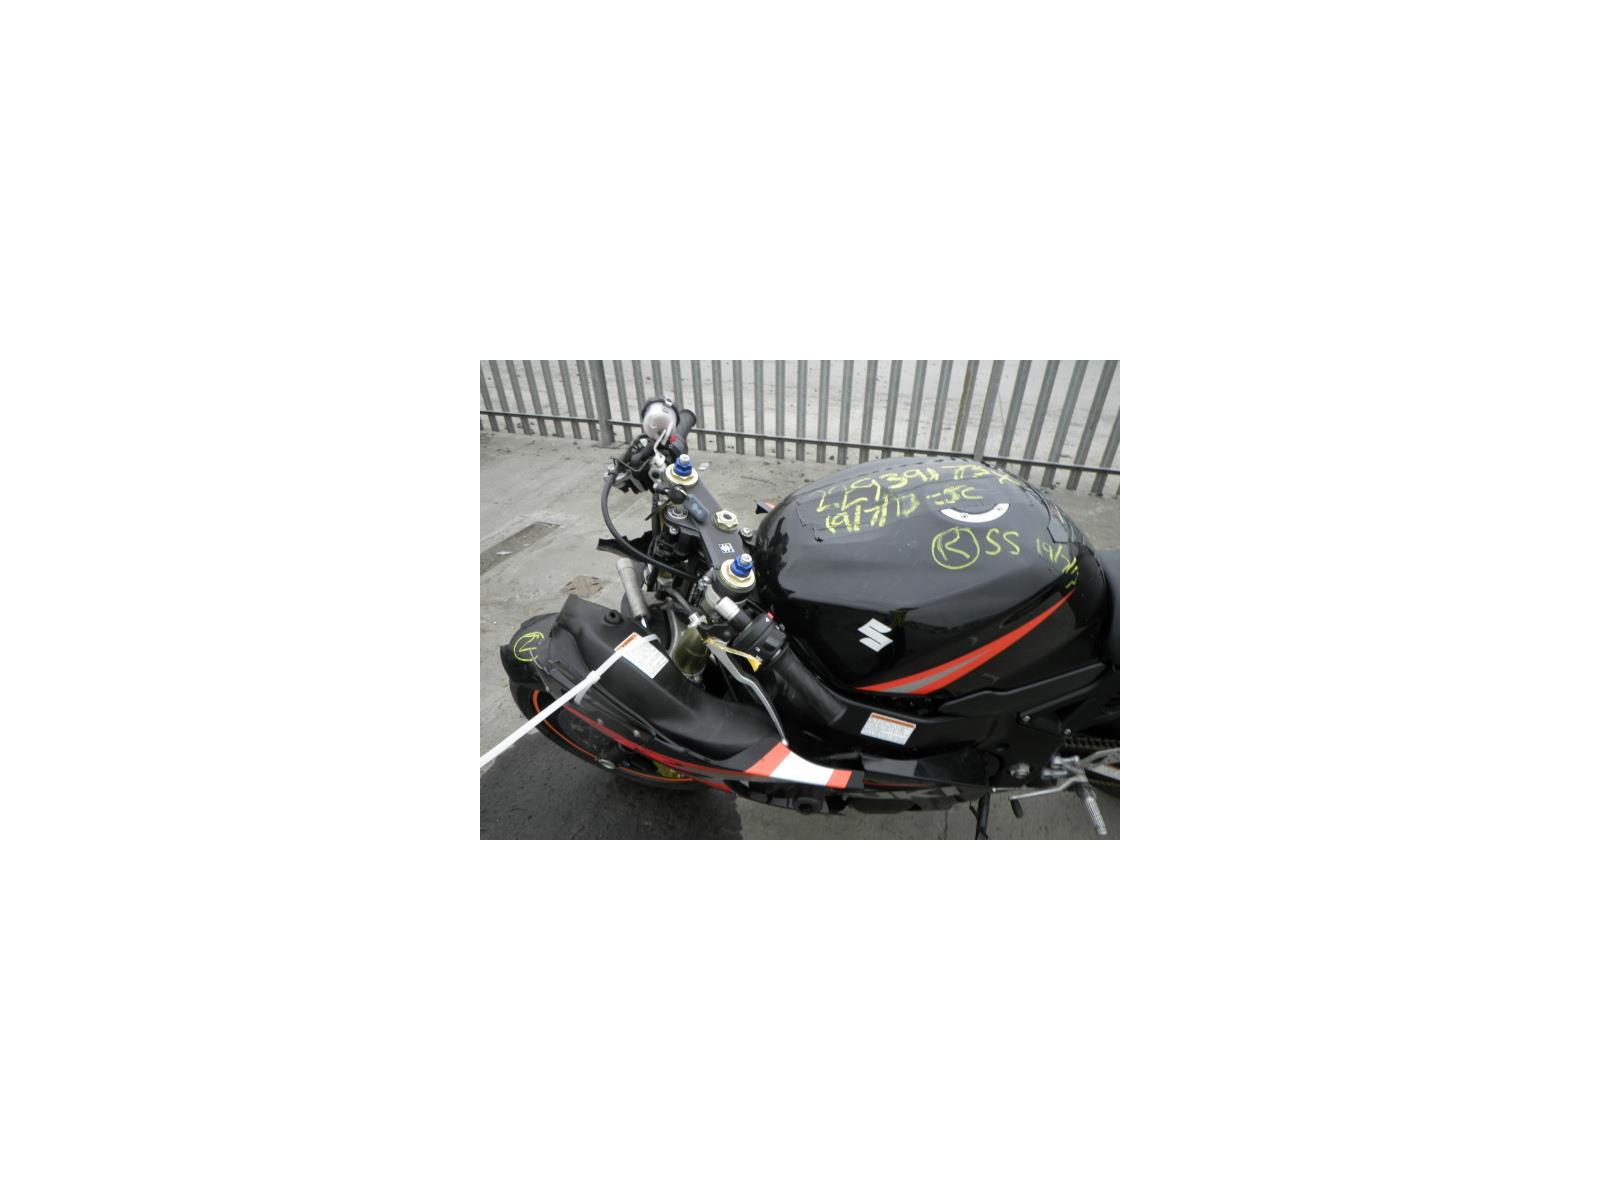 2005 Suzuki GSXR 600 MOTORCYCLE (Petrol) breaking for used